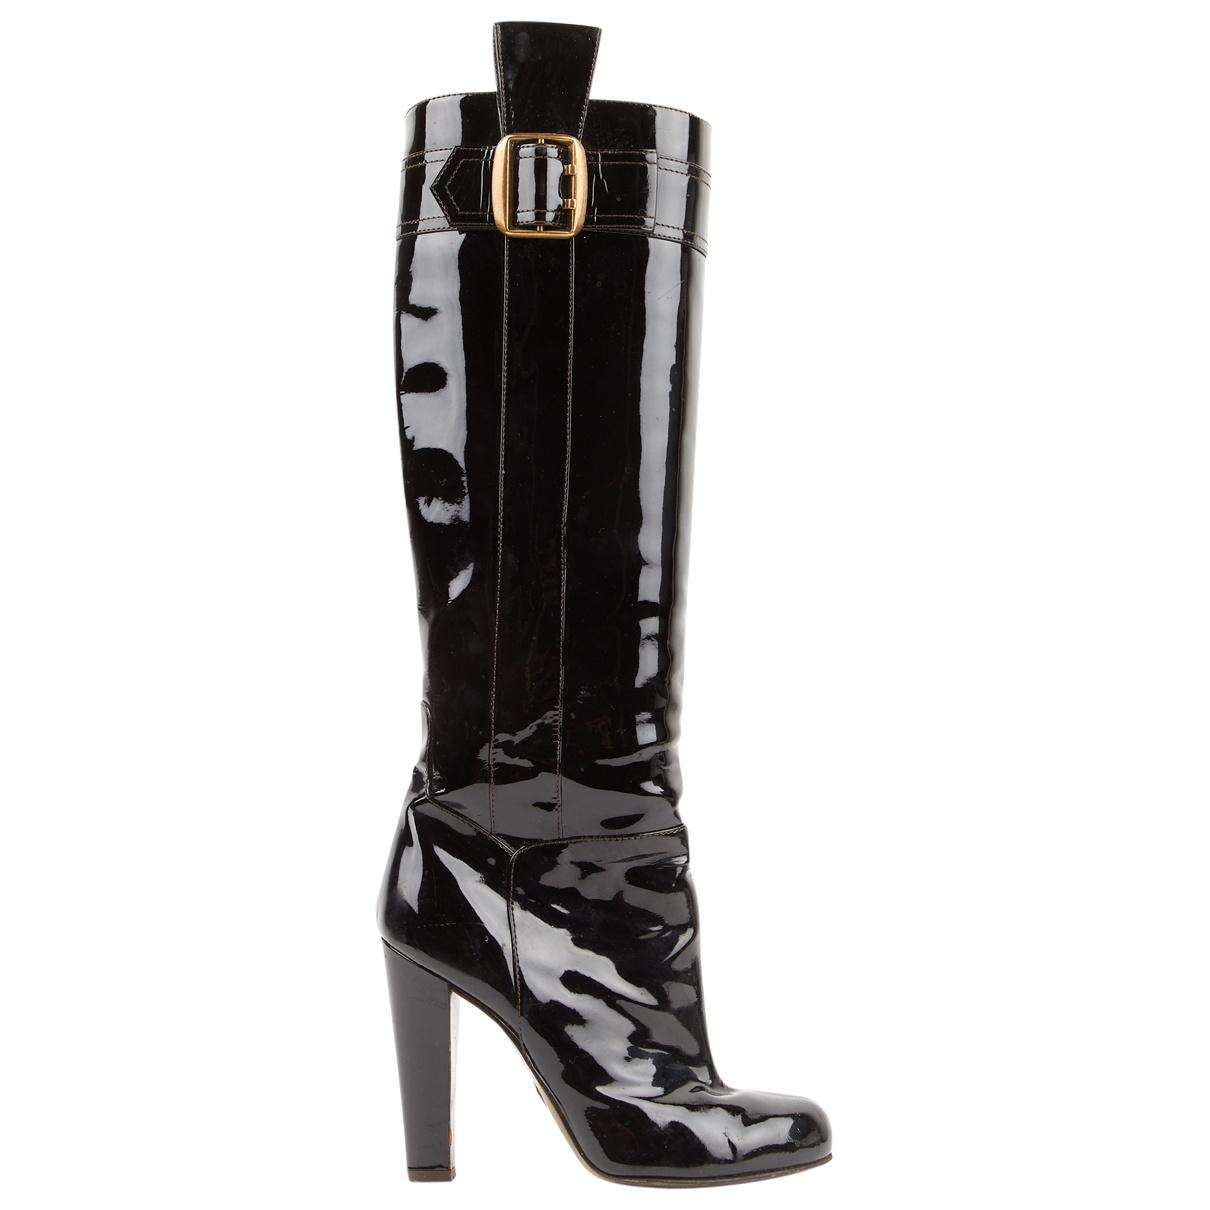 Dolce & Gabbana - Bottes   pour femme en cuir verni - noir